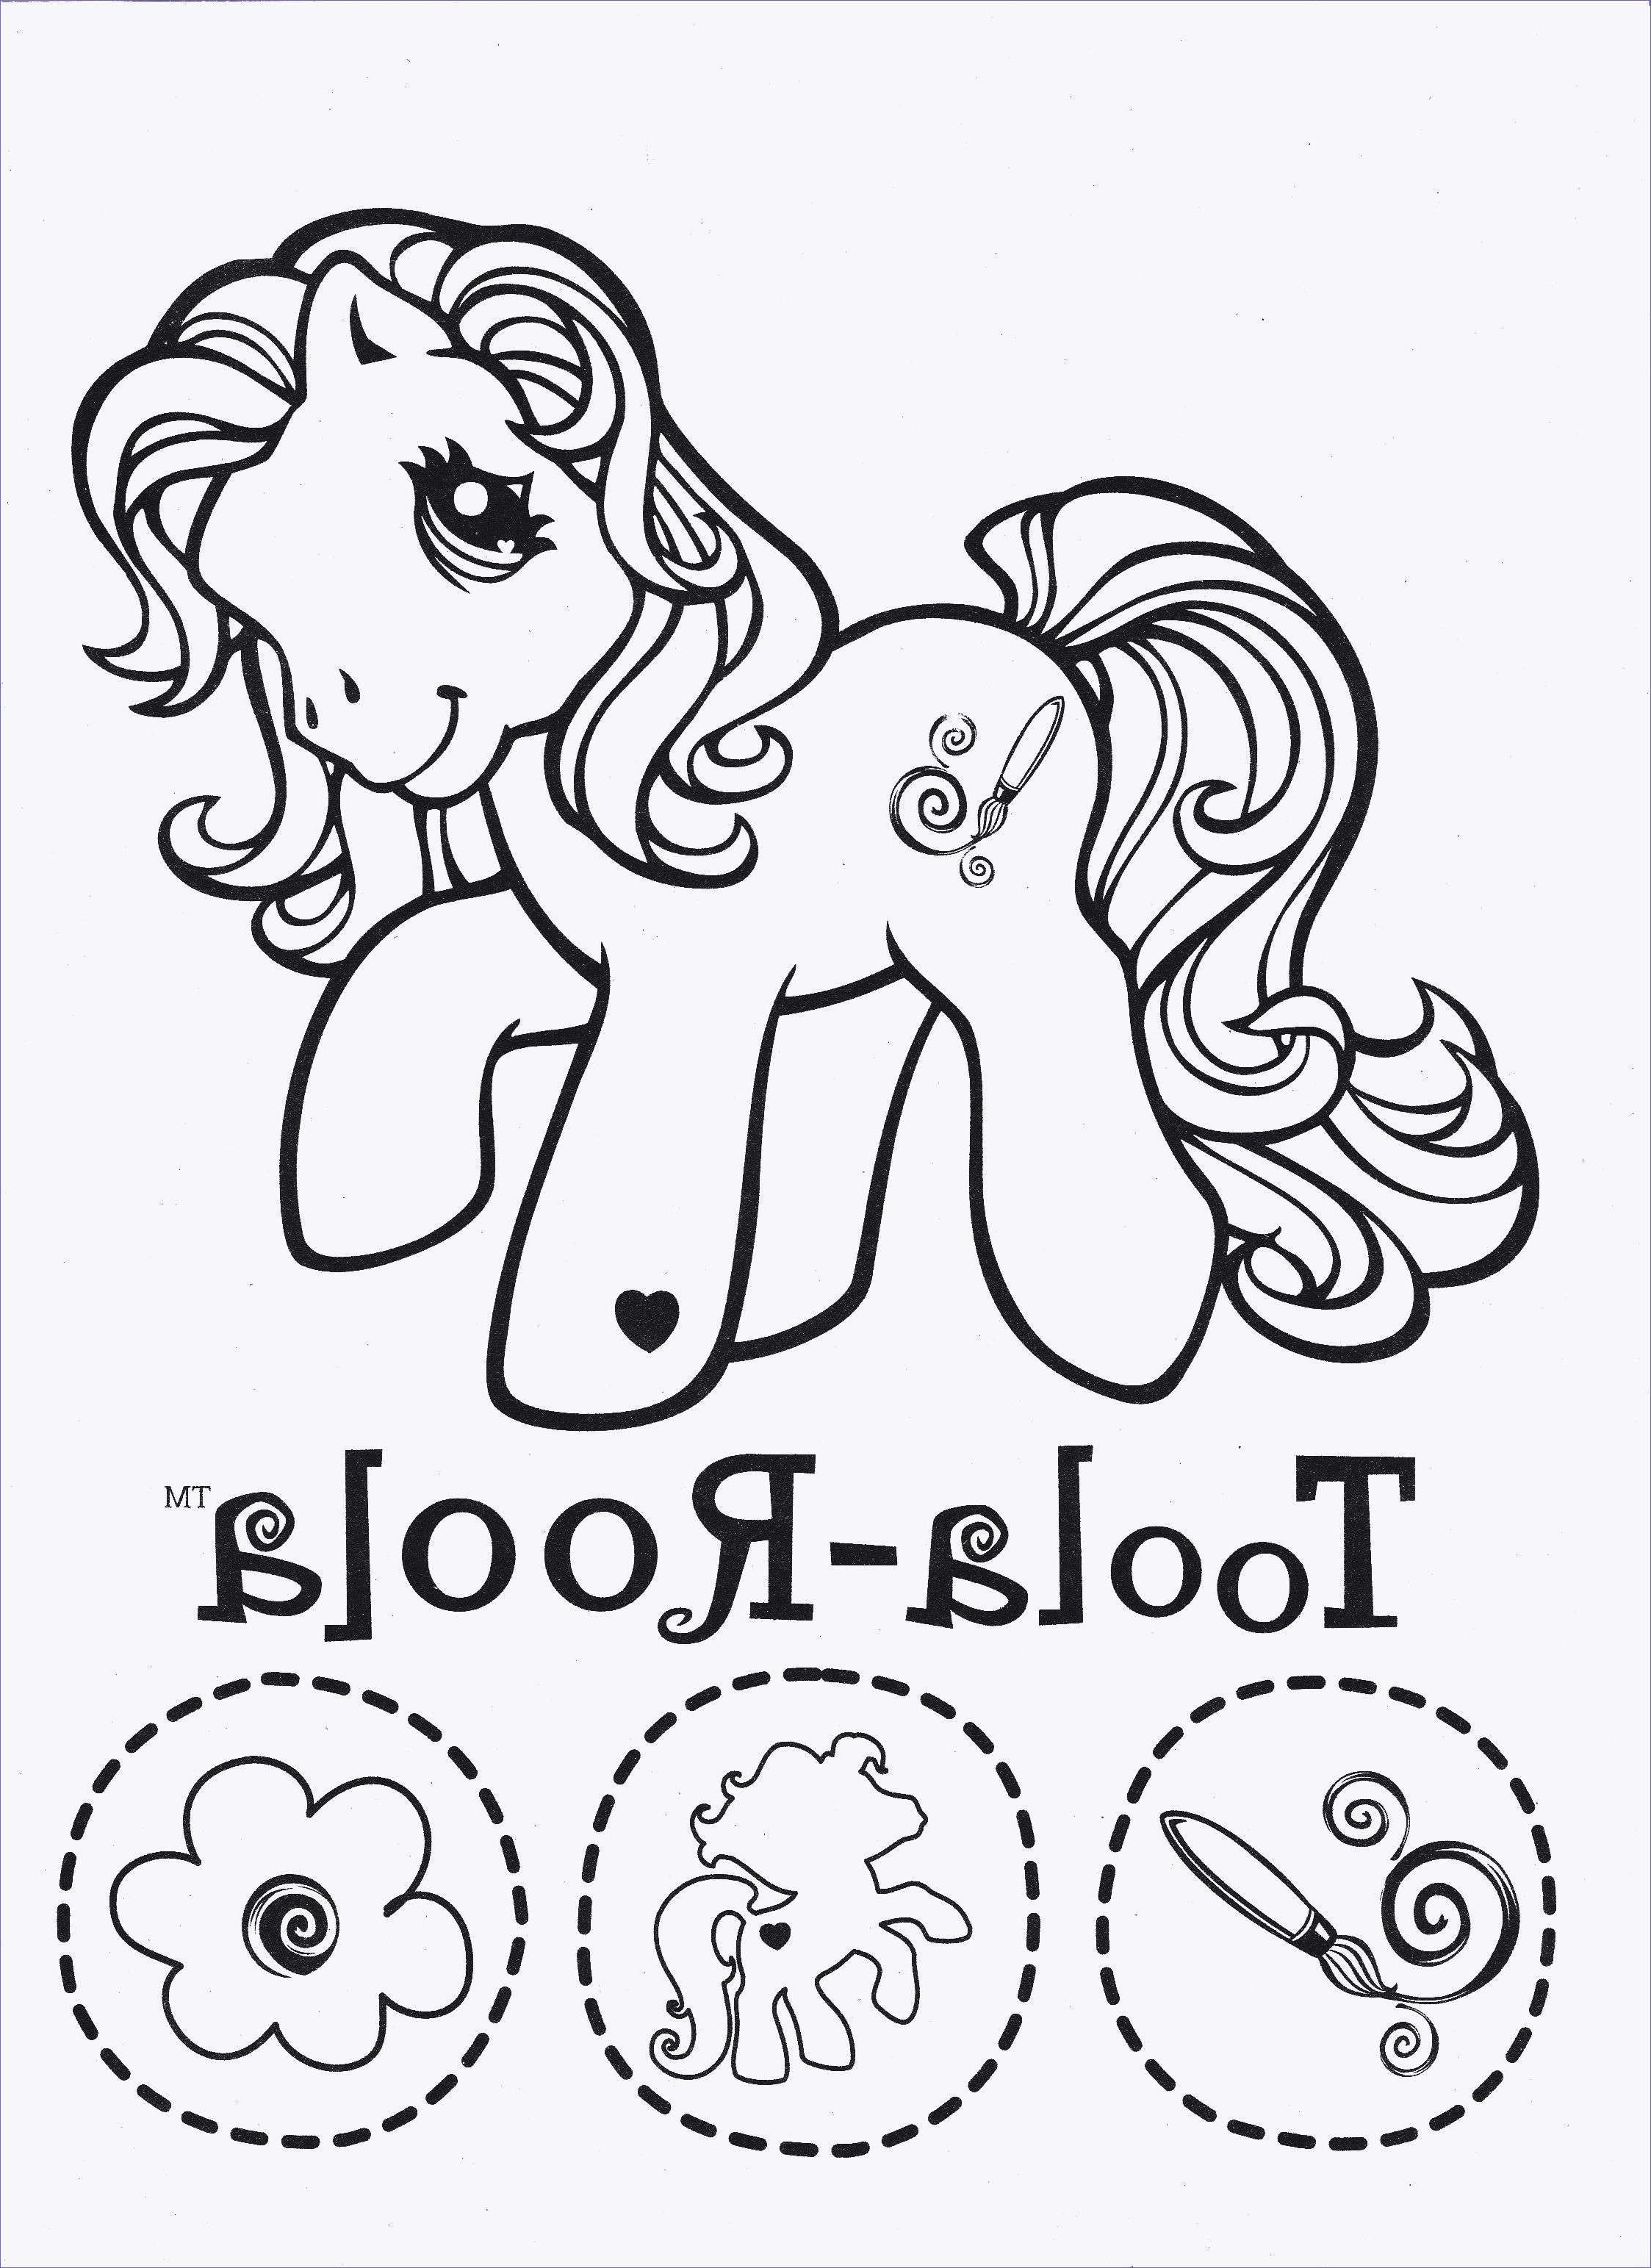 My Little Pony Rainbow Dash Ausmalbilder Genial 32 Fantastisch Ausmalbilder My Little Pony – Malvorlagen Ideen Galerie